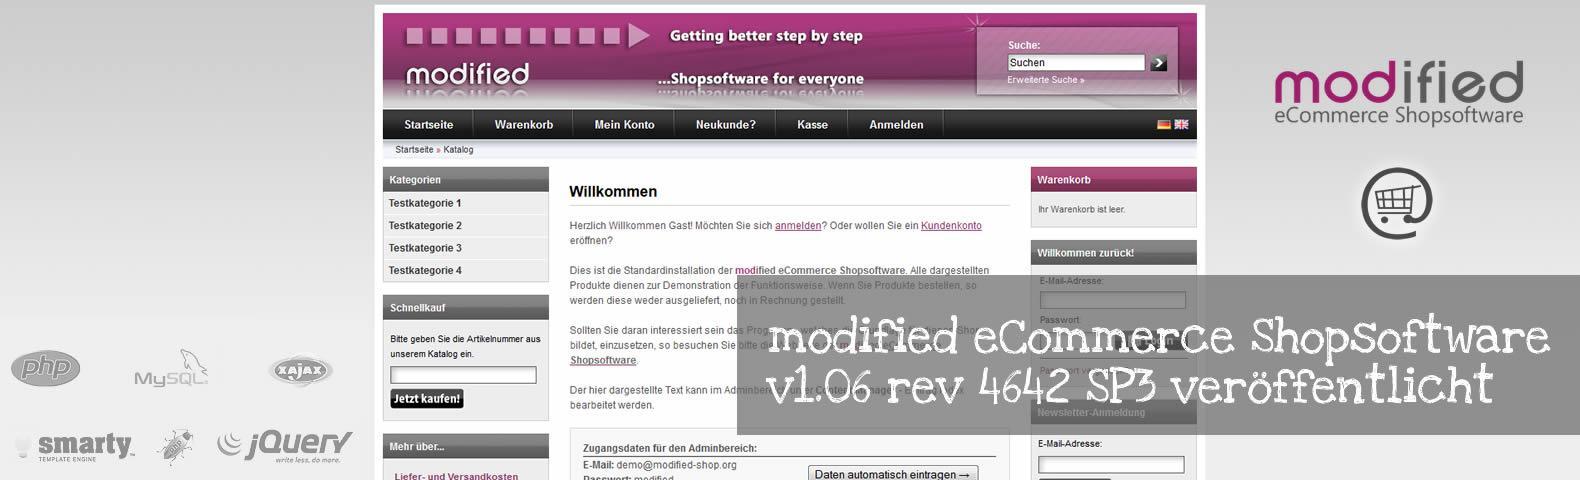 modified eCommerce Shopsoftware 1.06 rev 4642 SP3 veröffentlicht